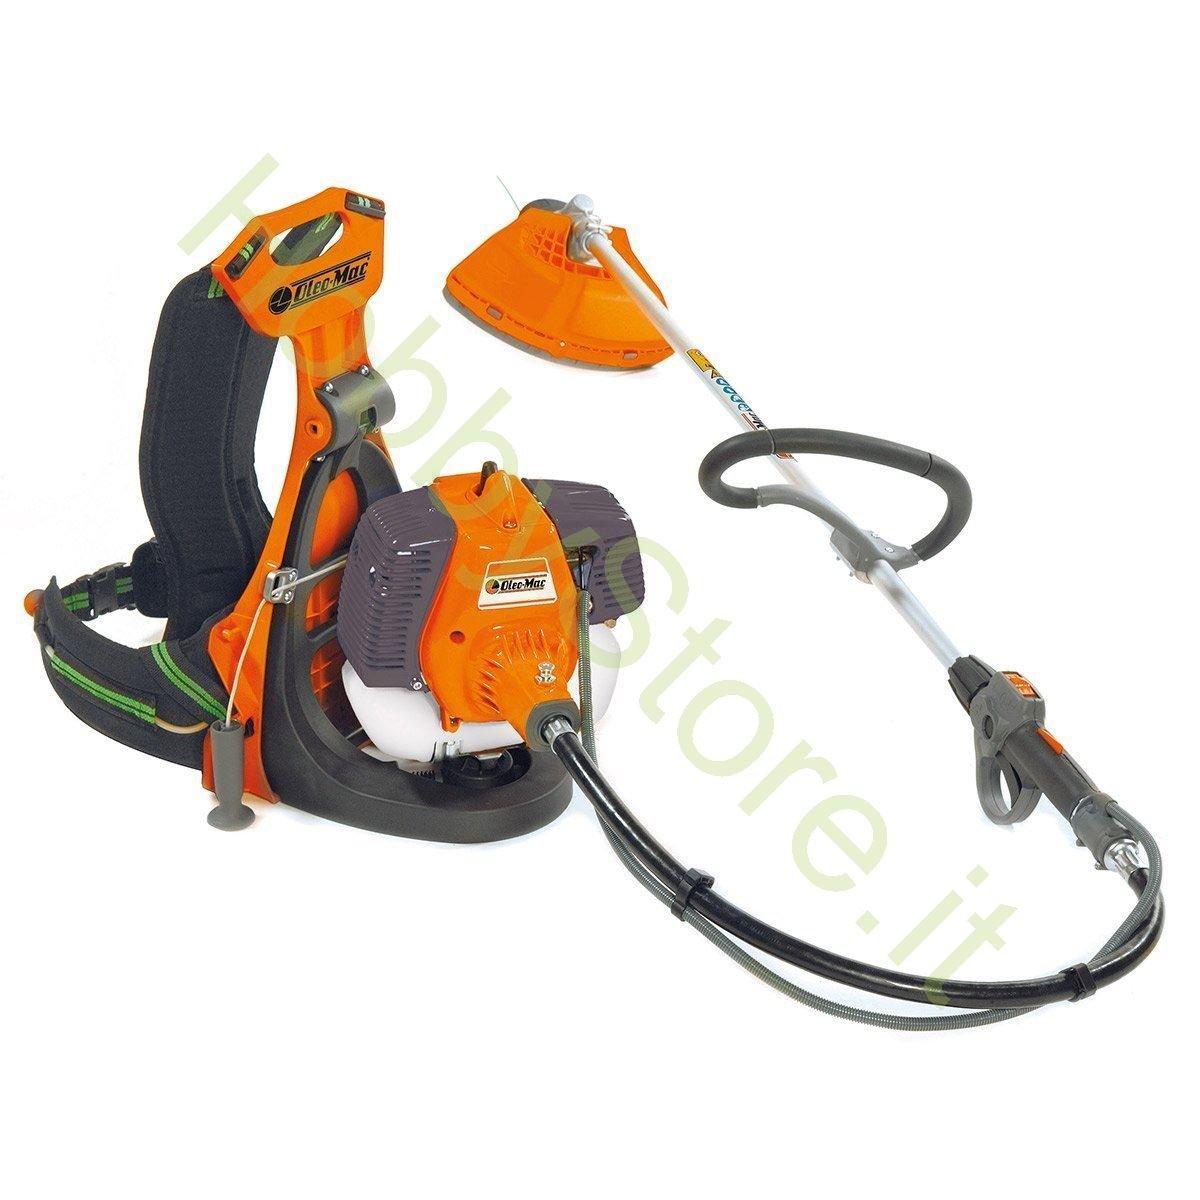 Desbrozadora Oleomac BCF530: Amazon.es: Bricolaje y herramientas